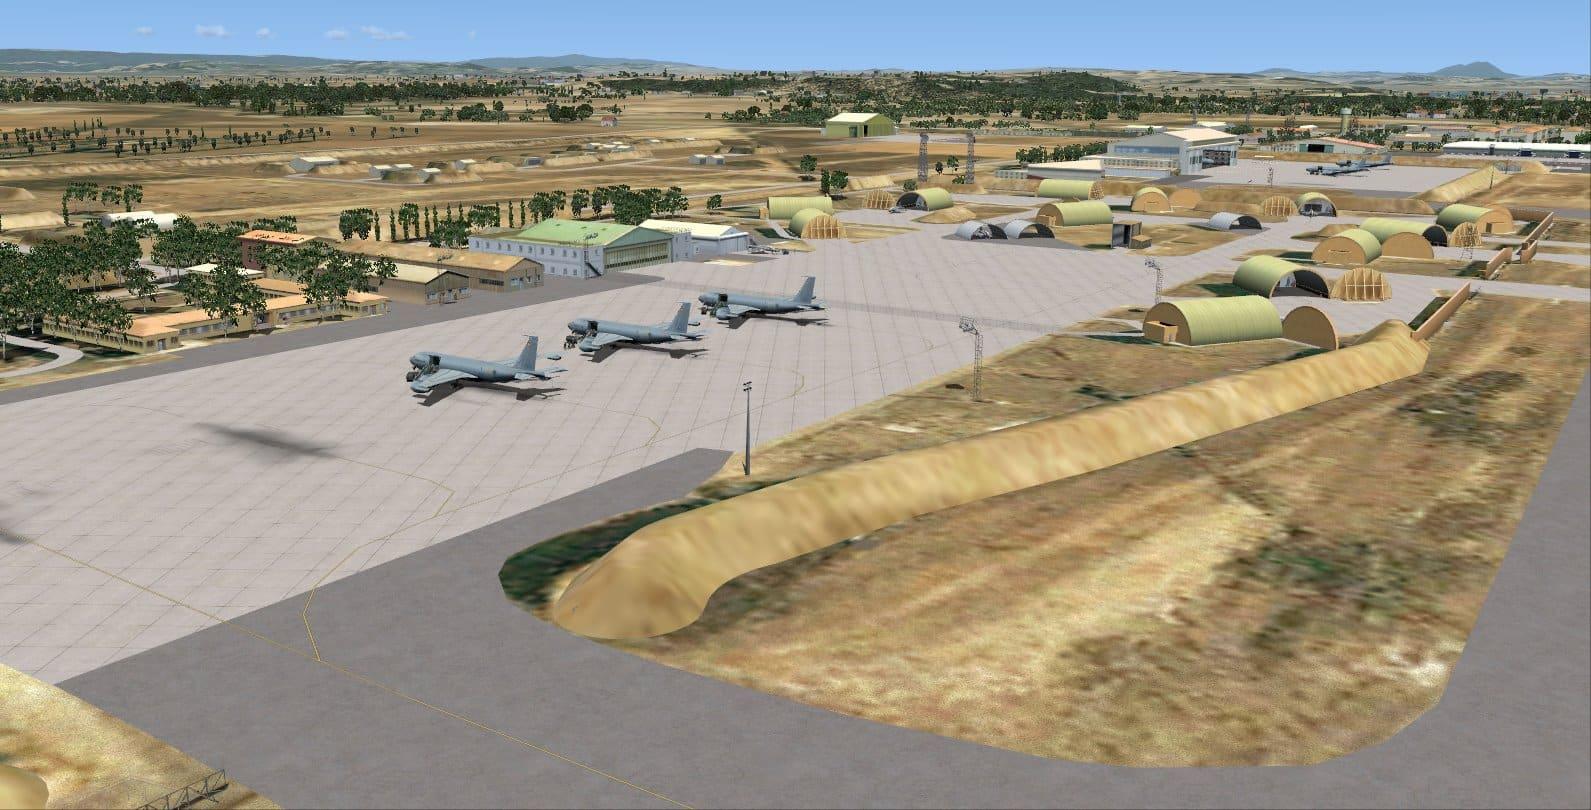 Istres France  City pictures : Skydesigners – Base aérienne Istres Le Tubé « simFlight France